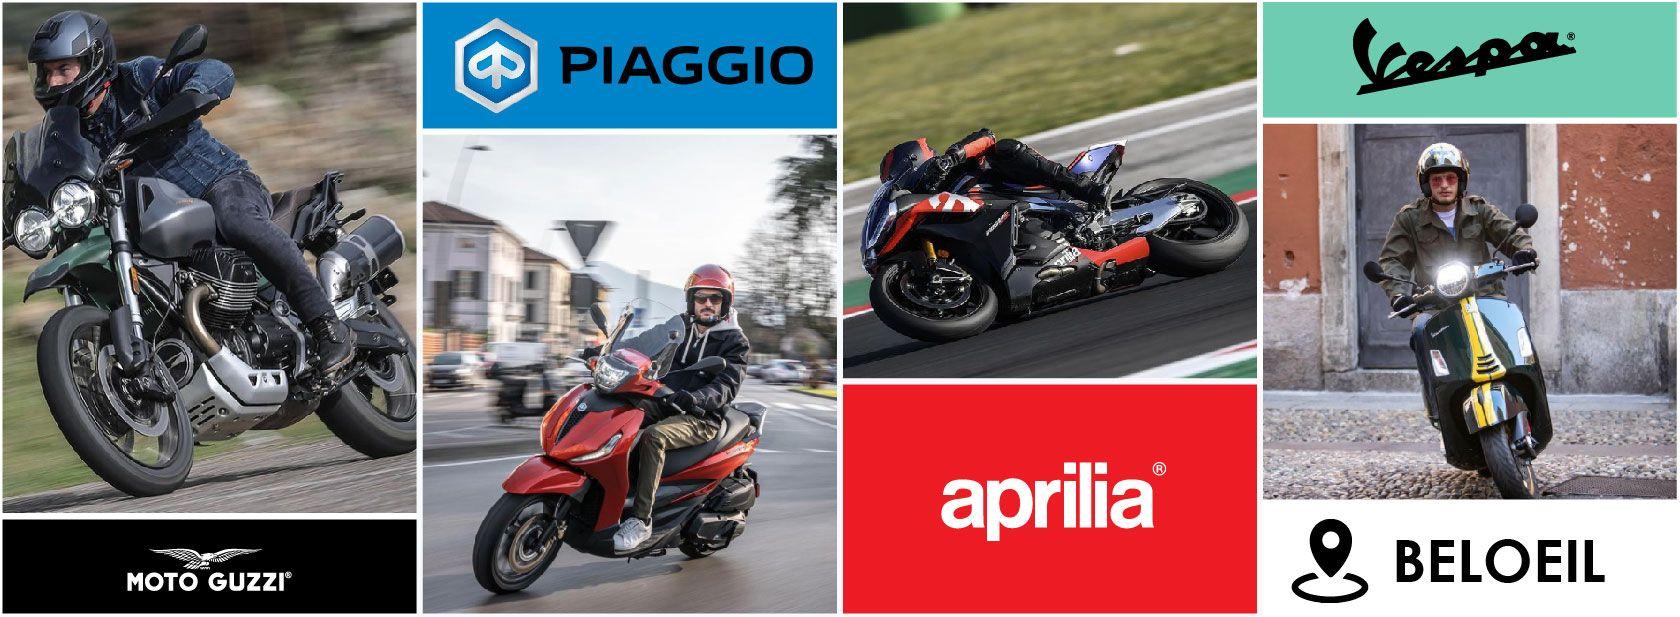 Groupe Piaggio